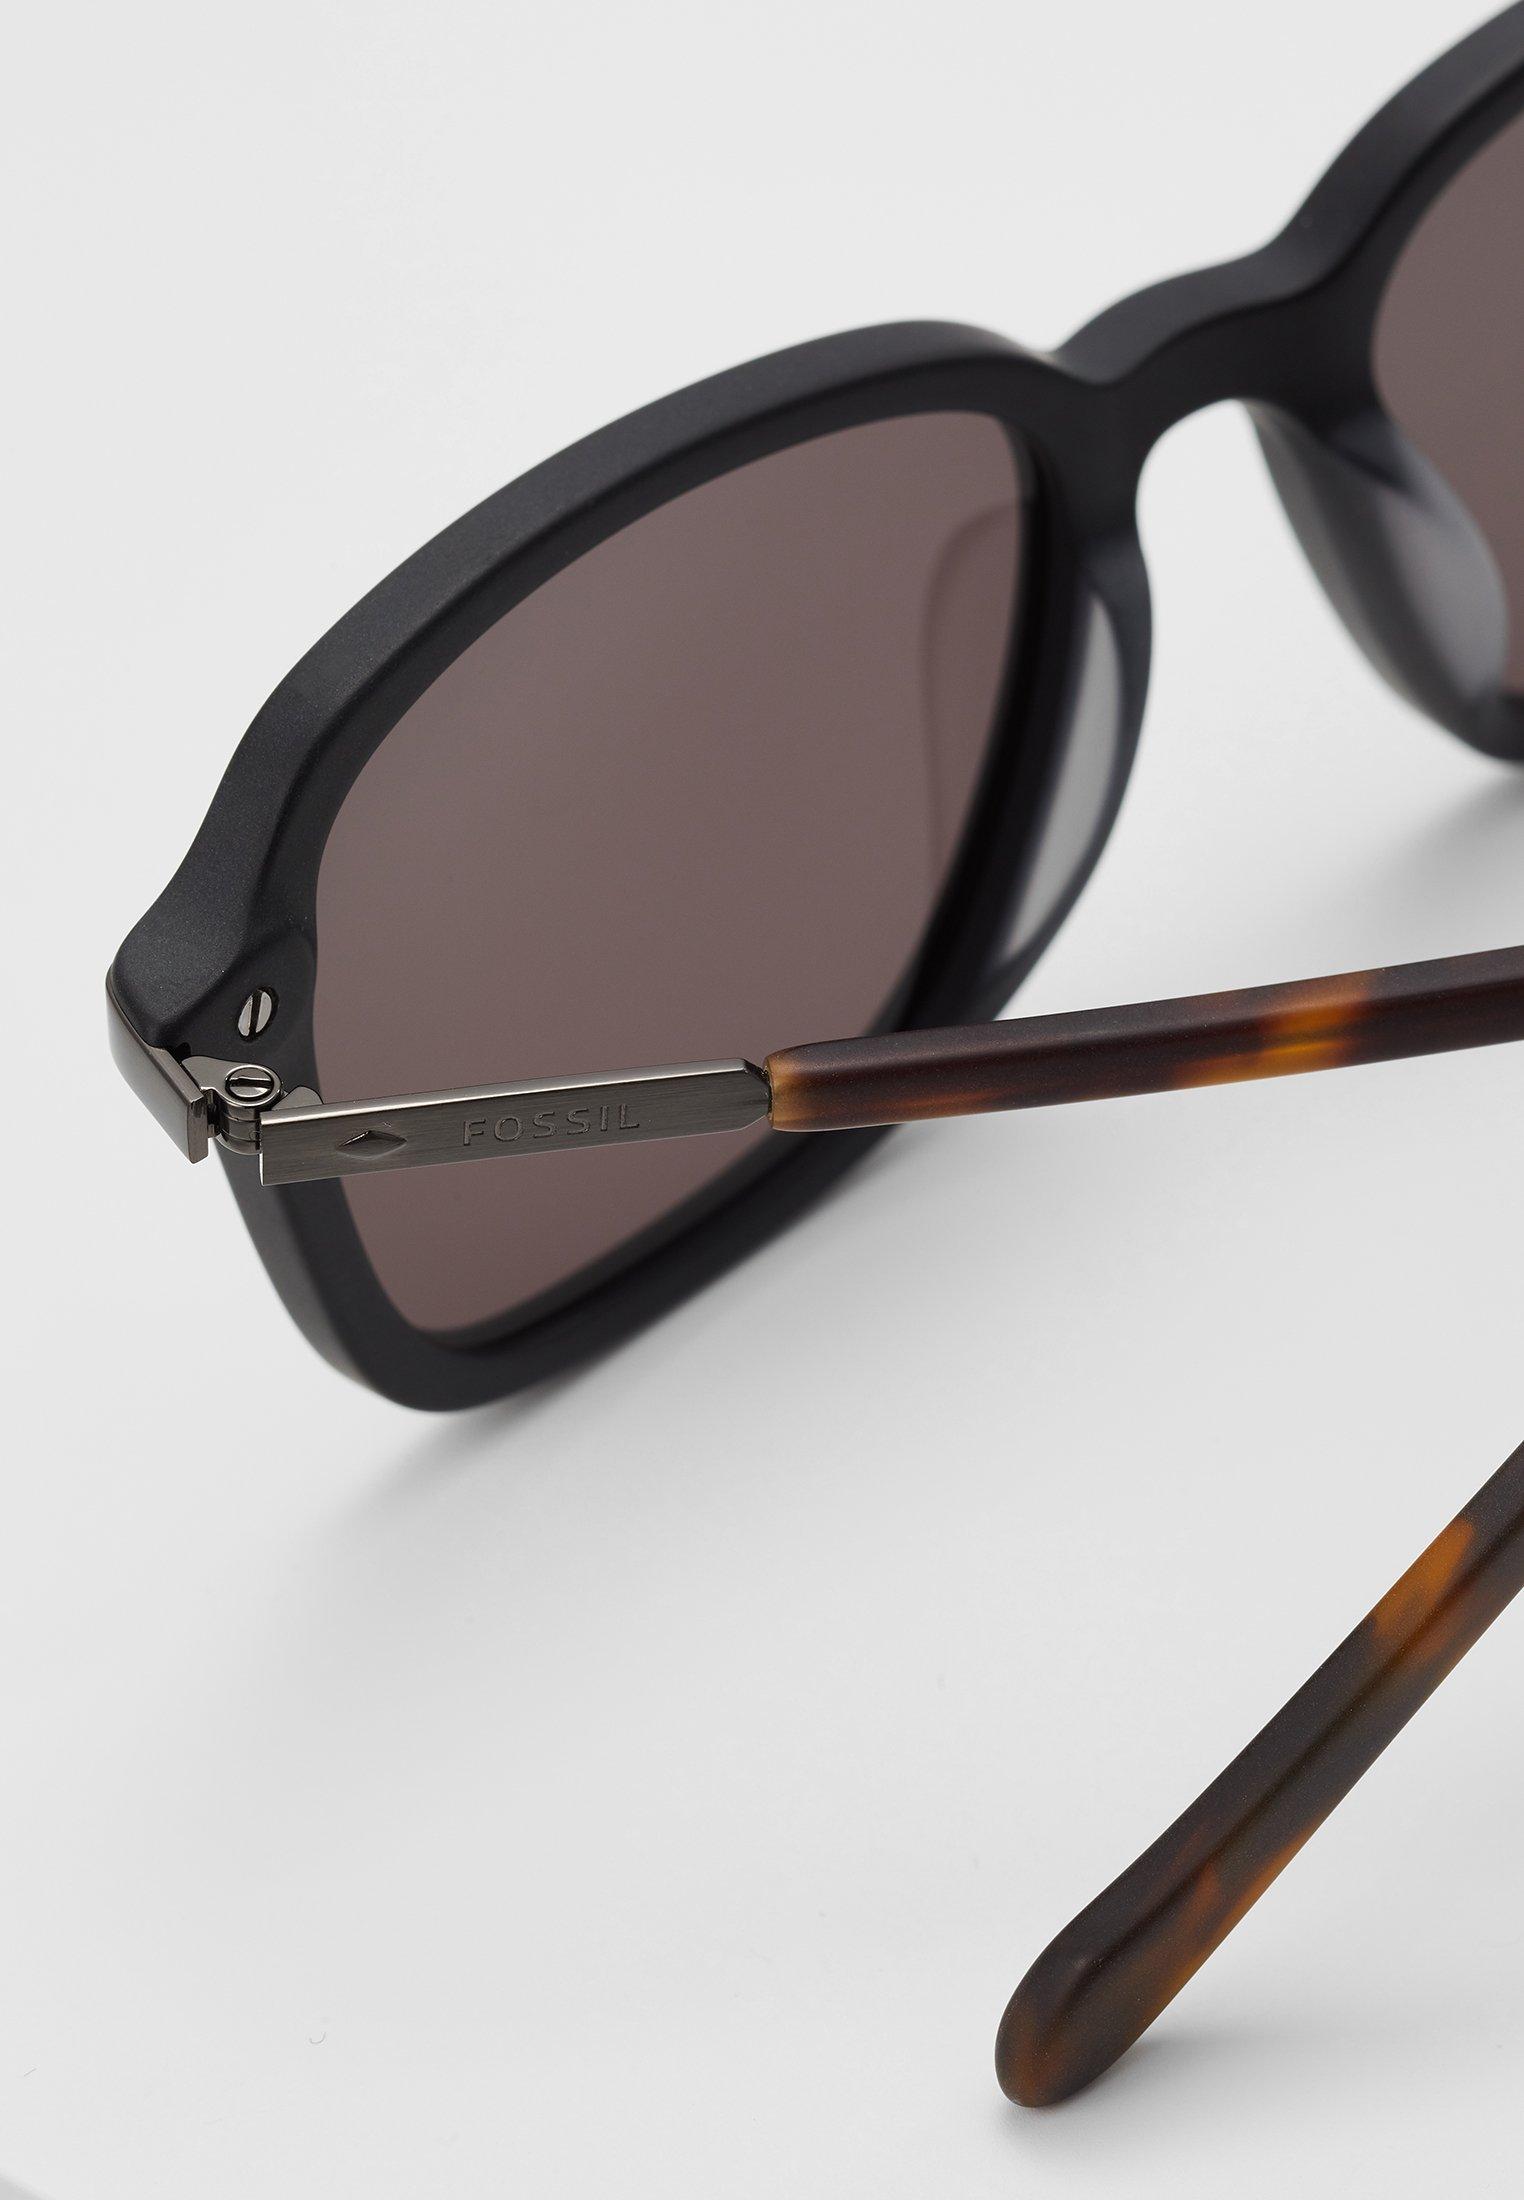 Compra Fossil Gafas de sol - black | Complementos de hombre 2020 r6bxF